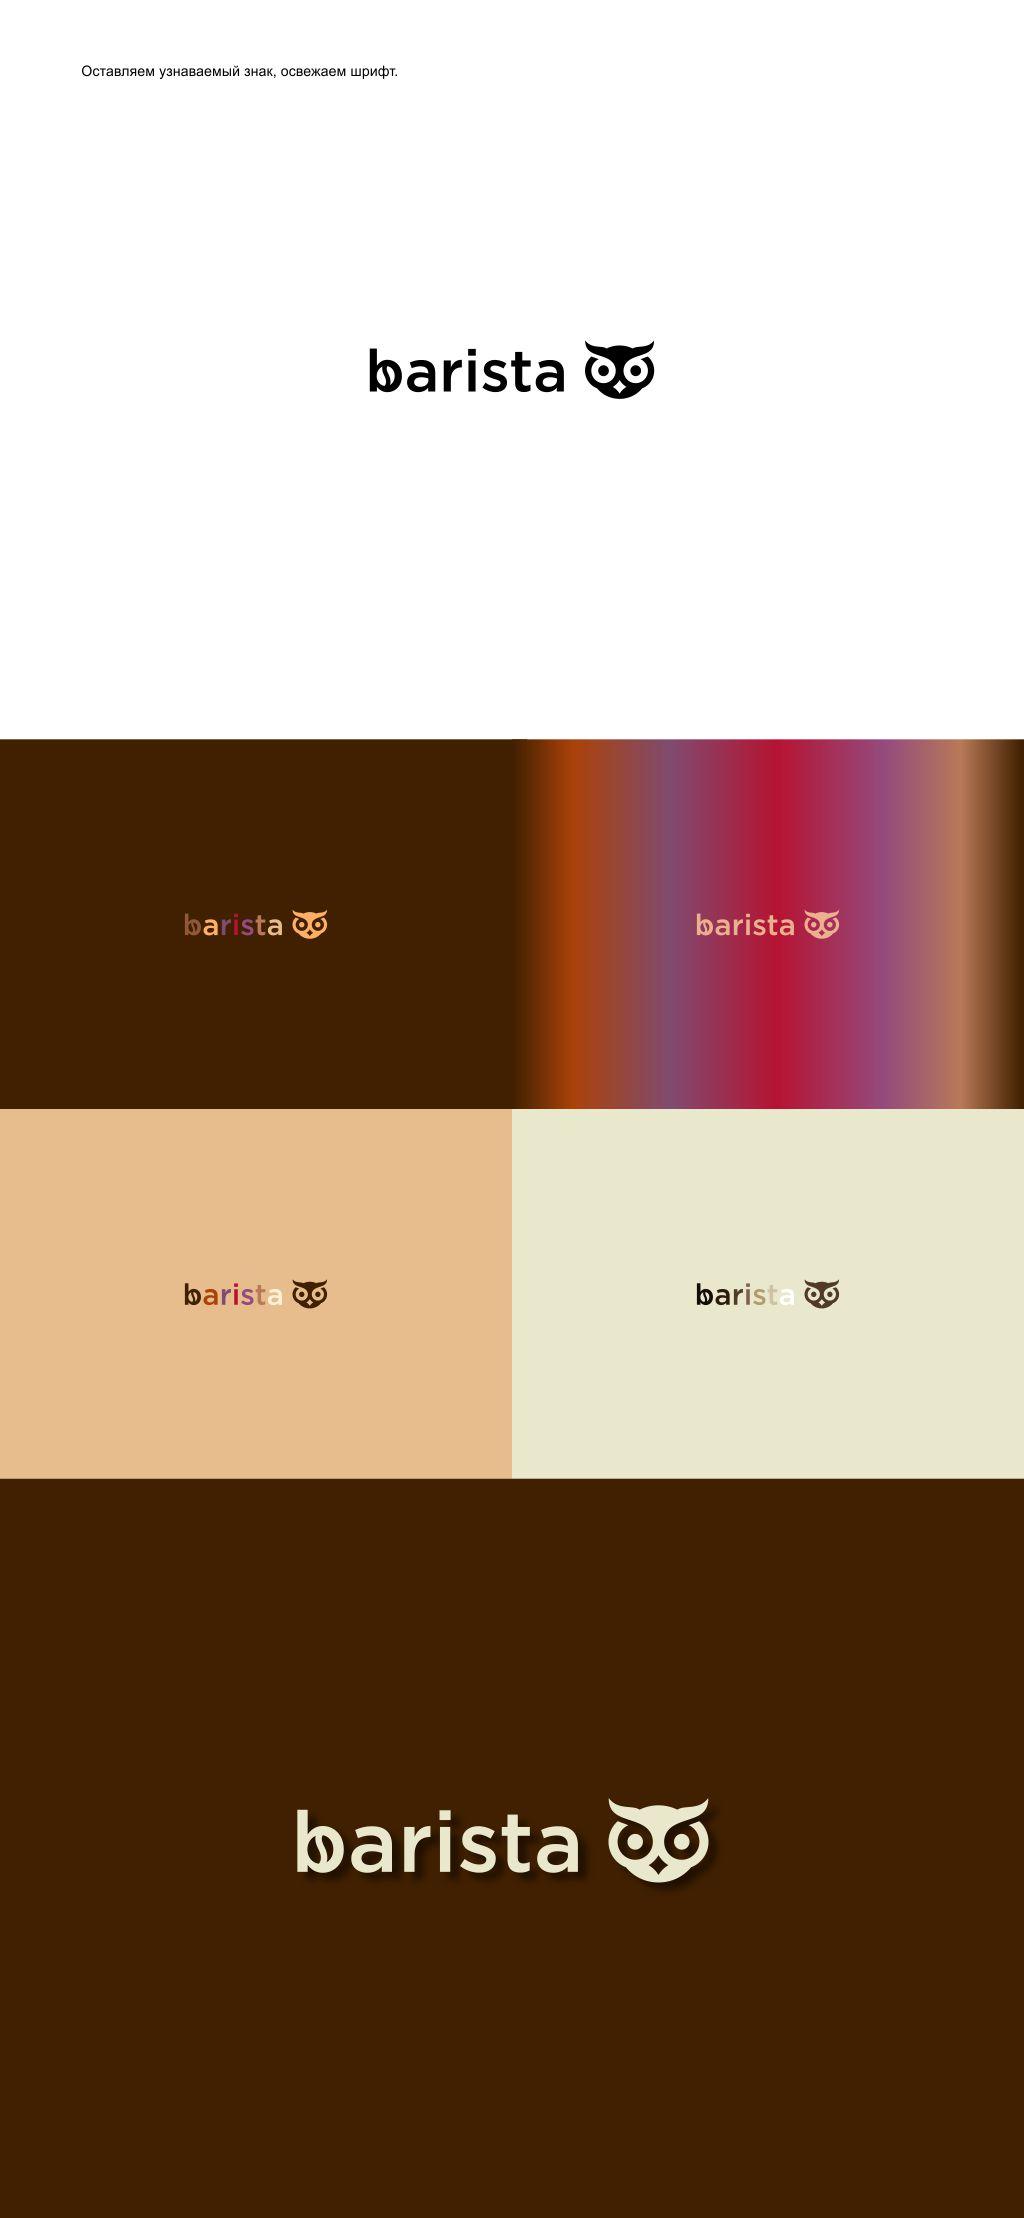 Ребрендинг логотипа сети кофеен фото f_5645e89cadea13d0.jpg